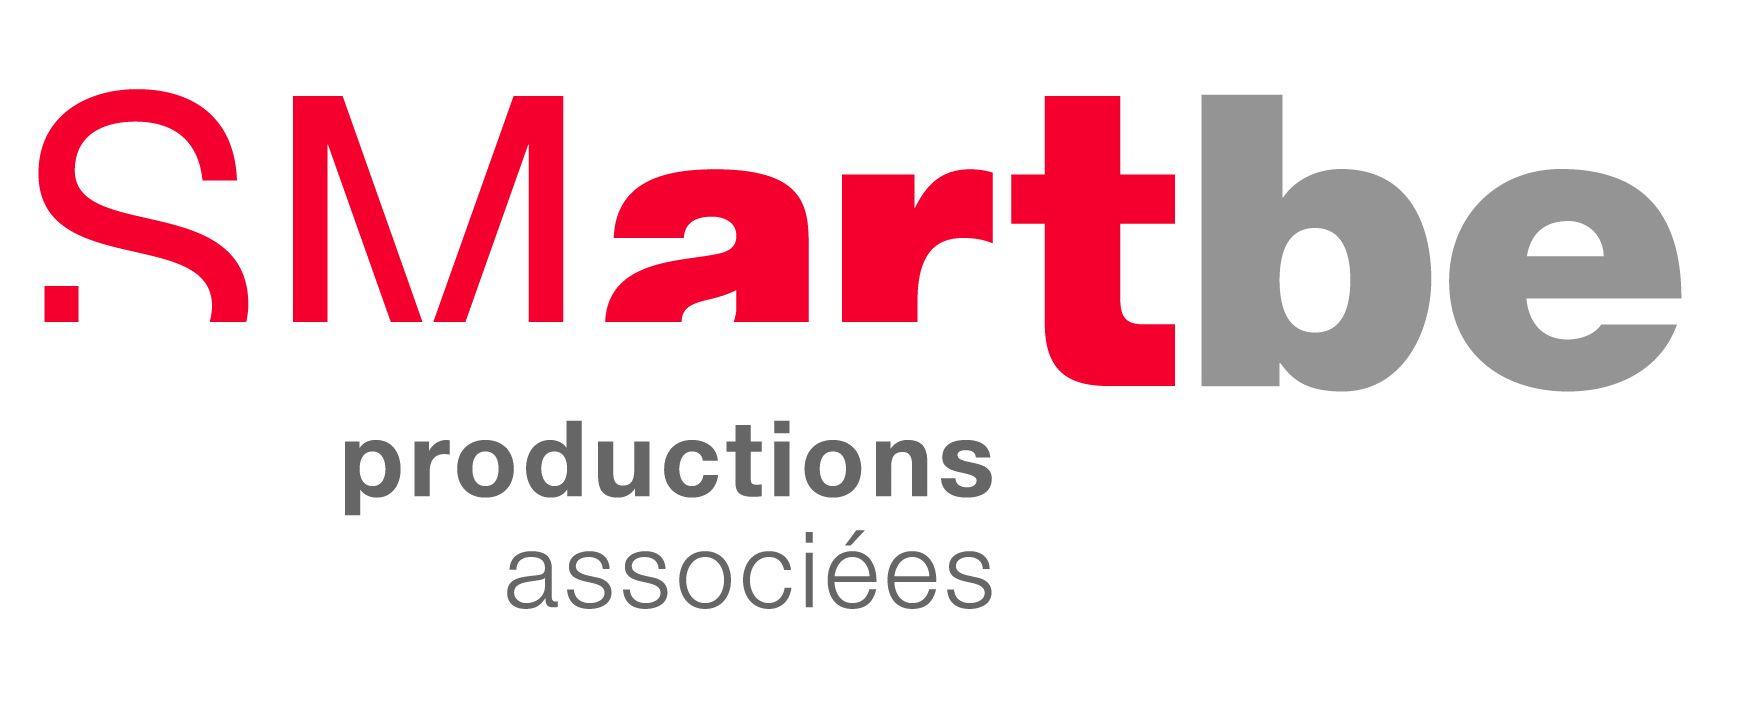 Smart - productions associées